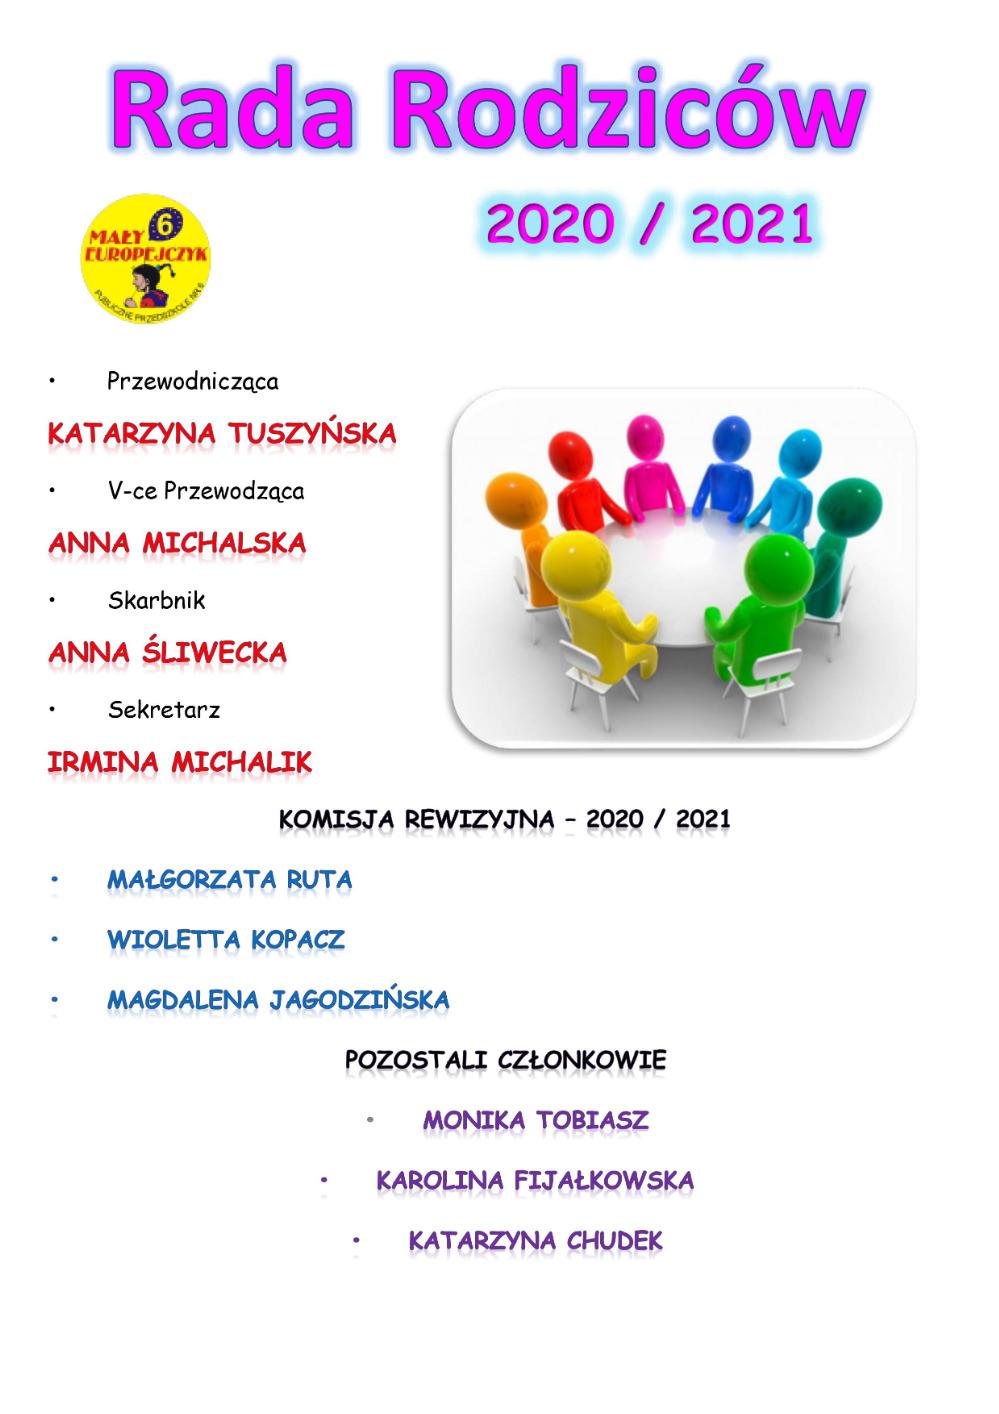 Rada Rodziców 2020 - 2021